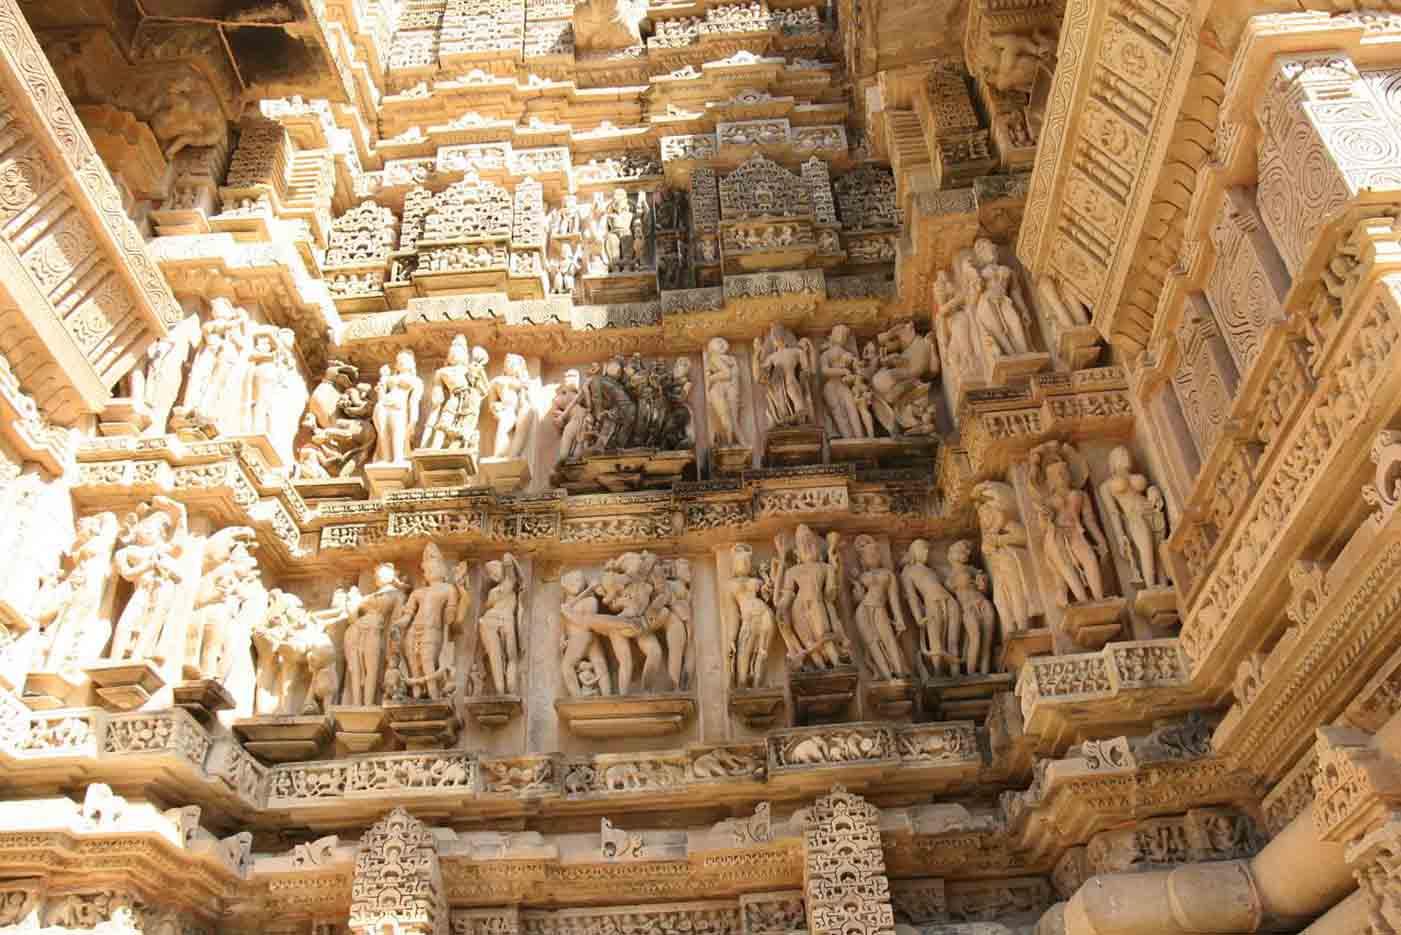 Храмы Кхаджурахо, Khajuraho Temples - 18